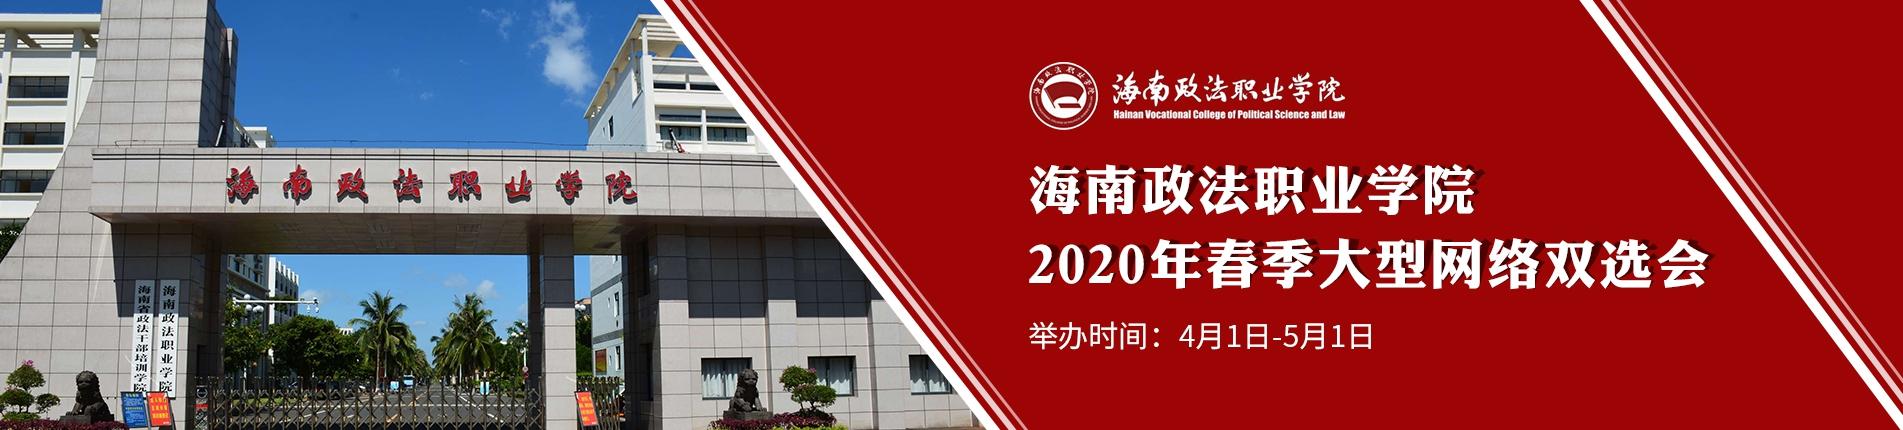 海南政法职业学院2020年春季大型网络双选会